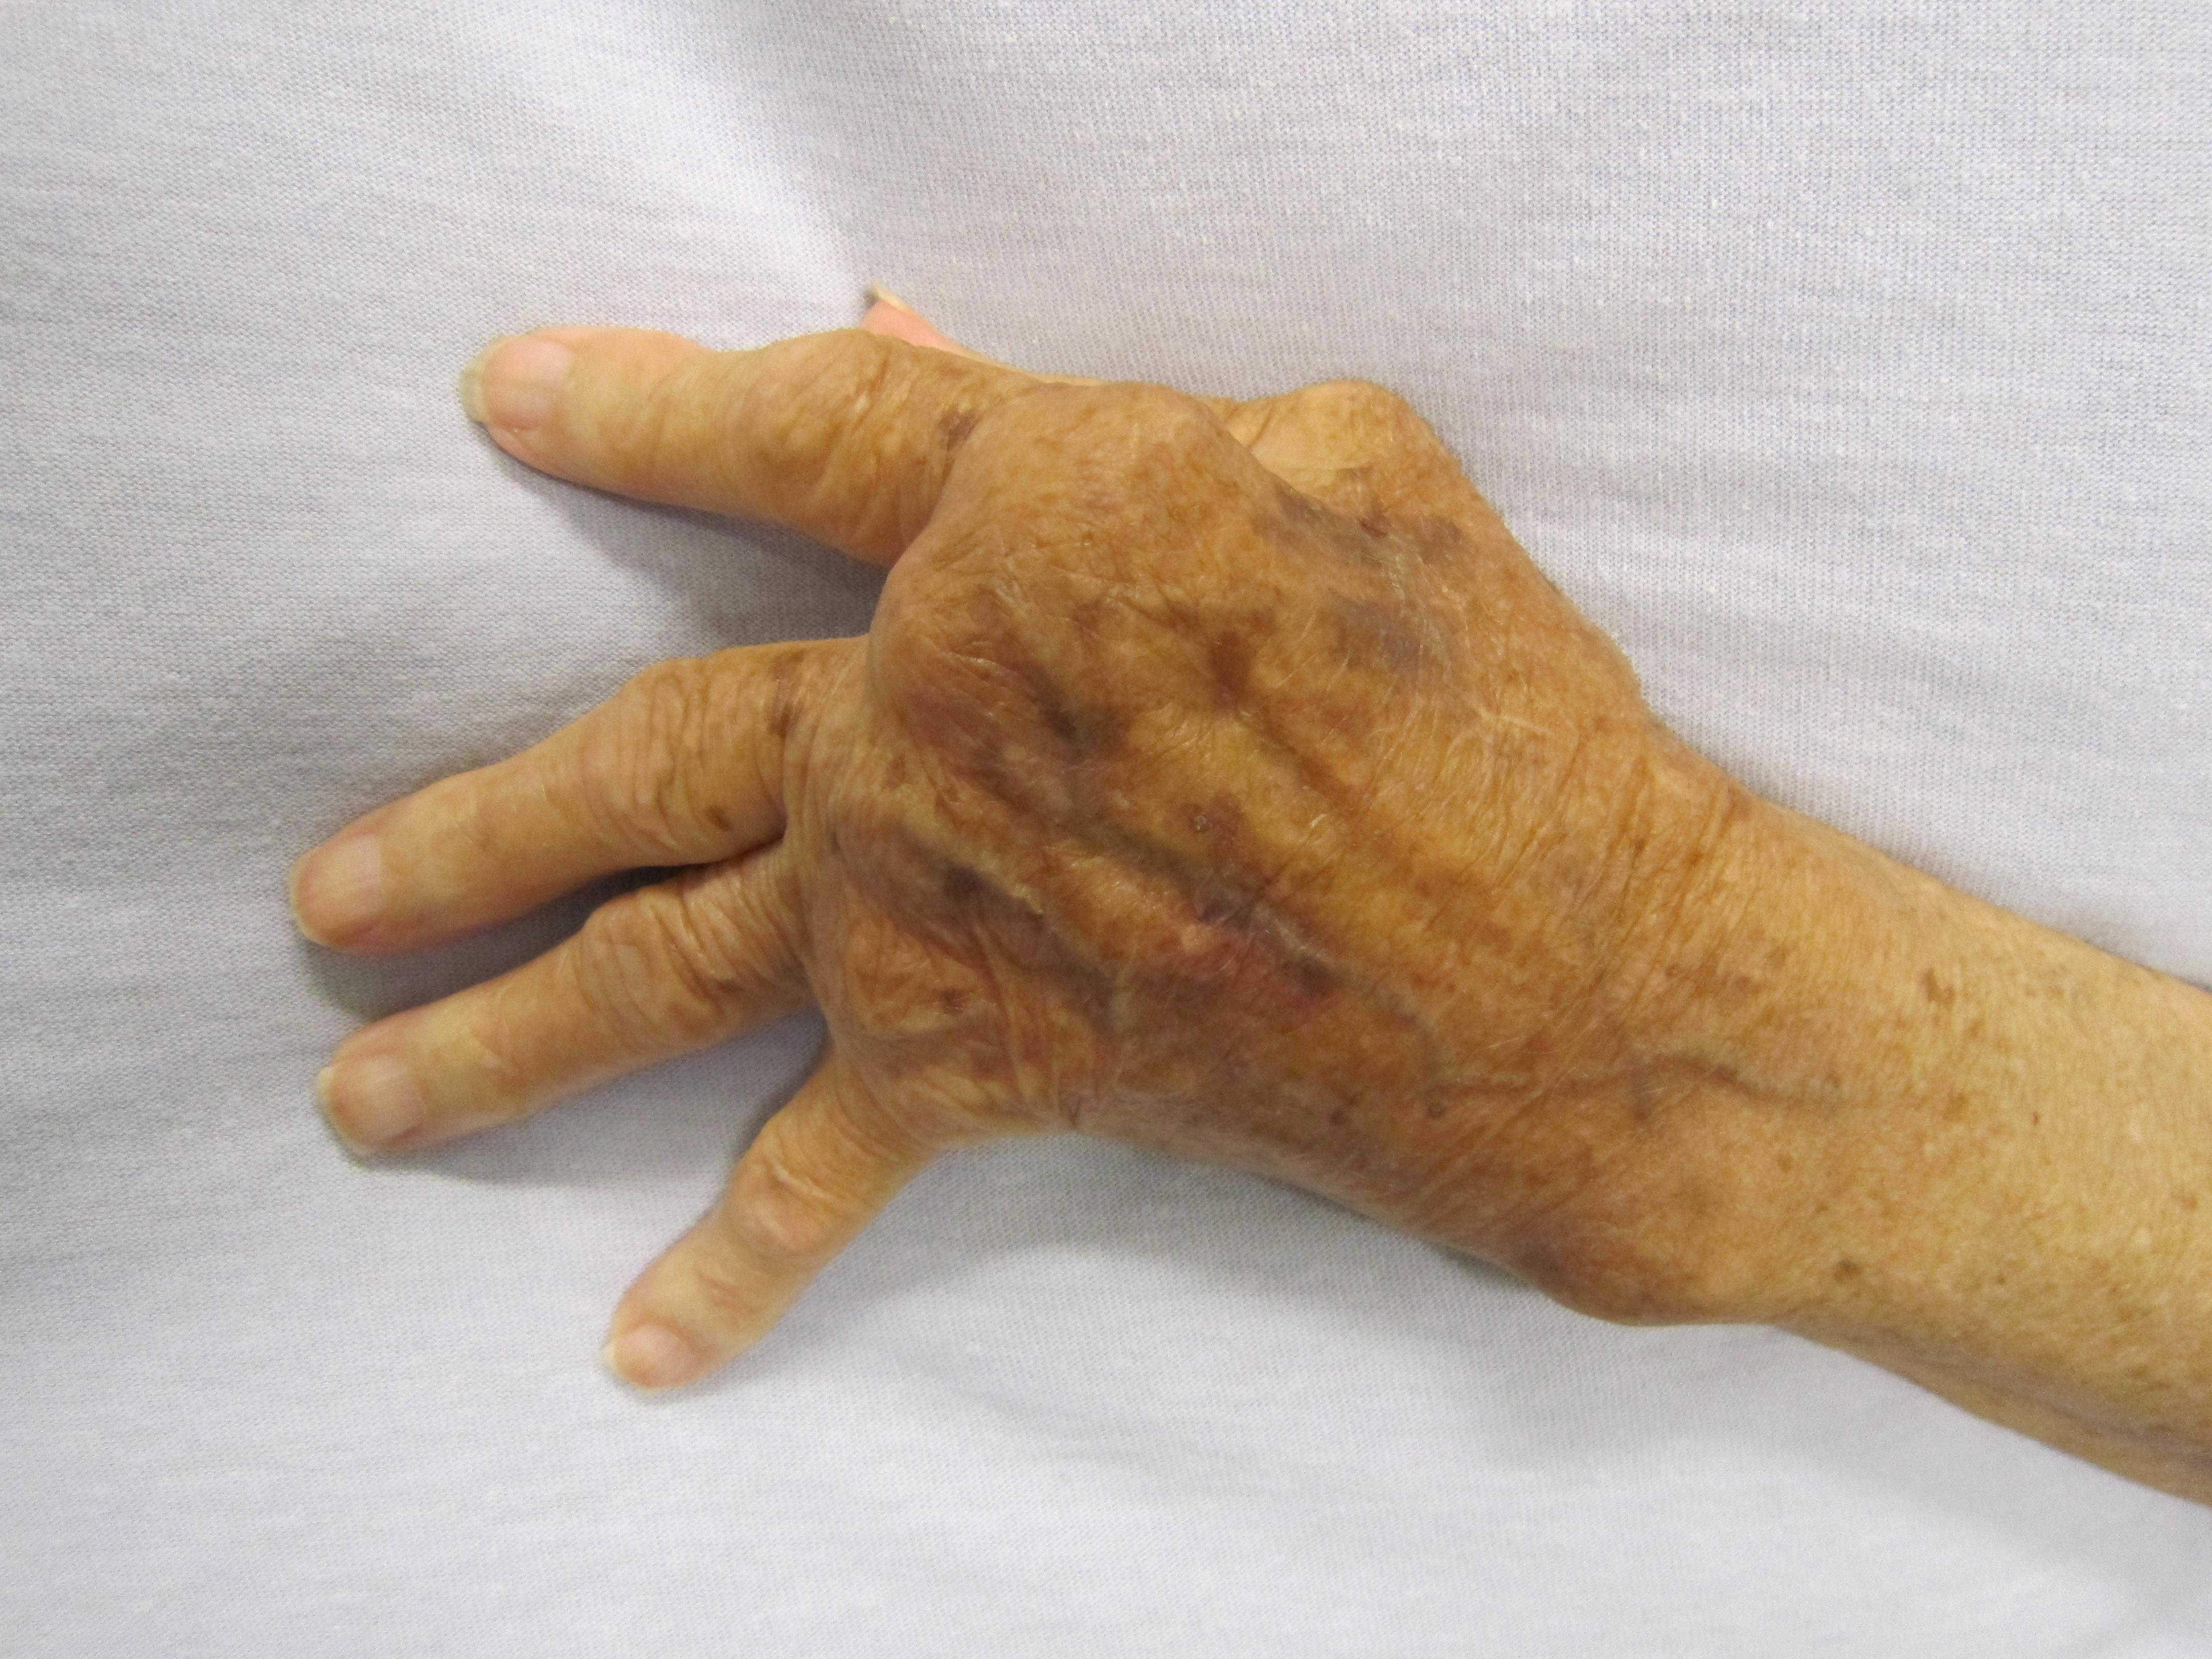 fájdalomcsillapítók a kéz ízületeiben